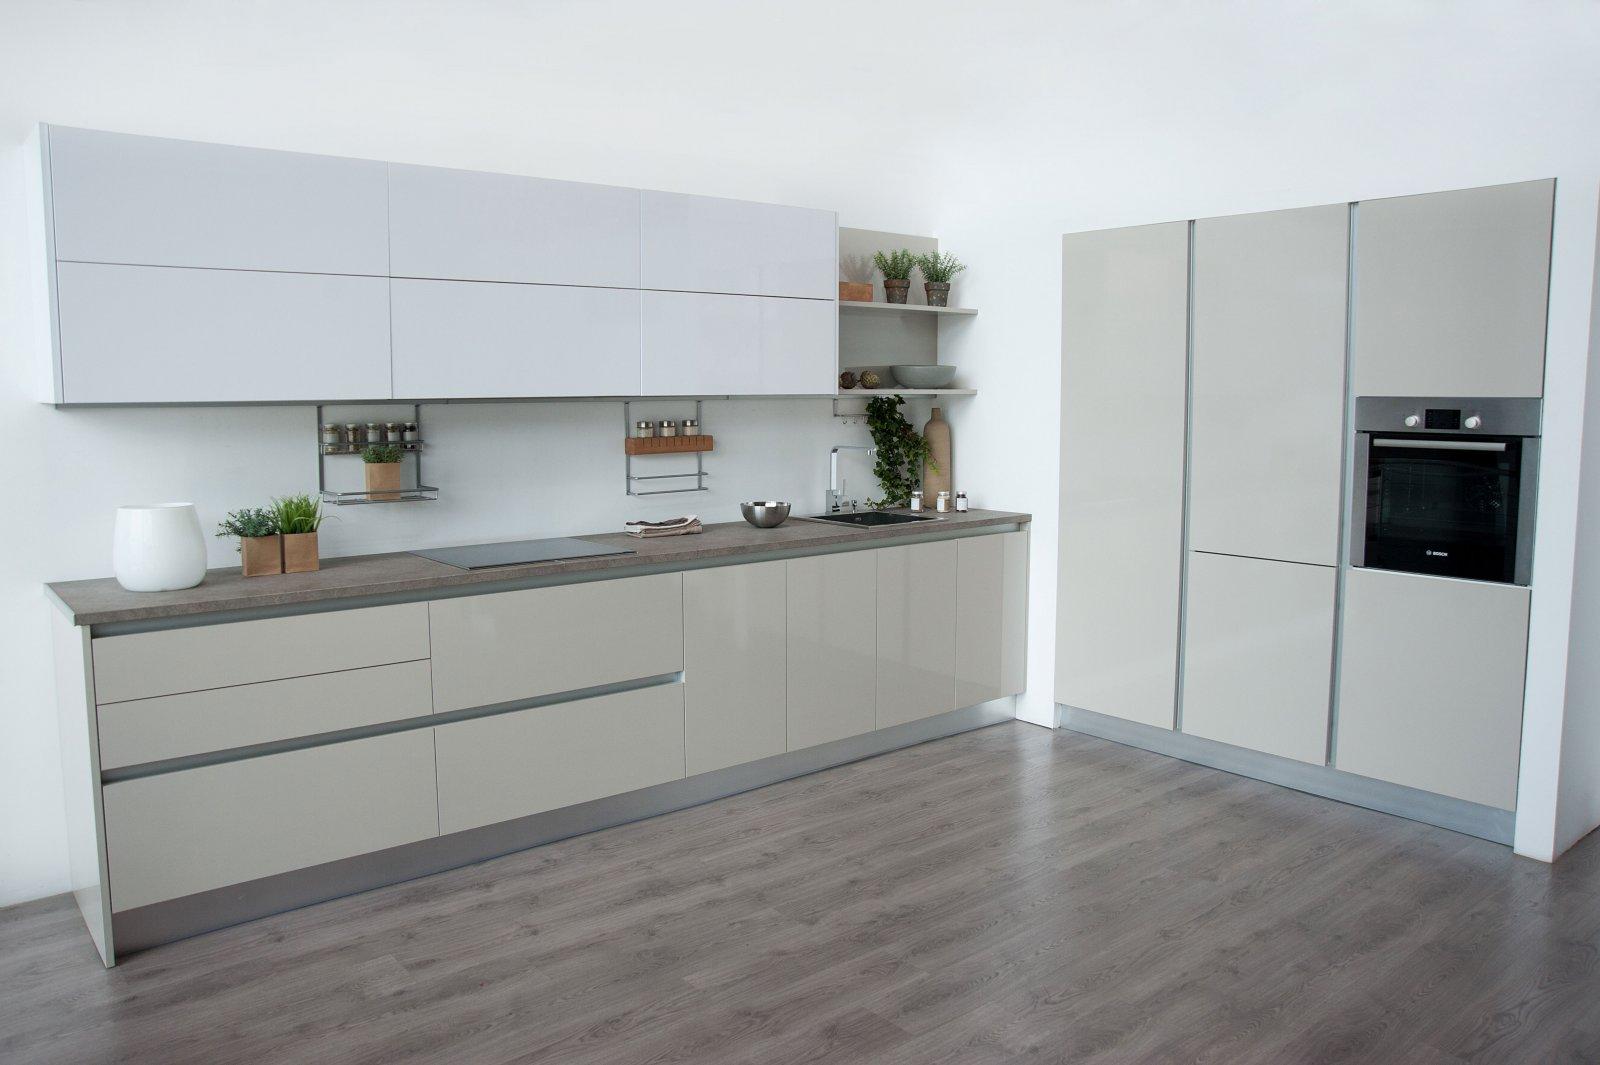 Tupi Electrodomesticos Cocinas Electrodomsticos # Muebles Para Cocina Tupi